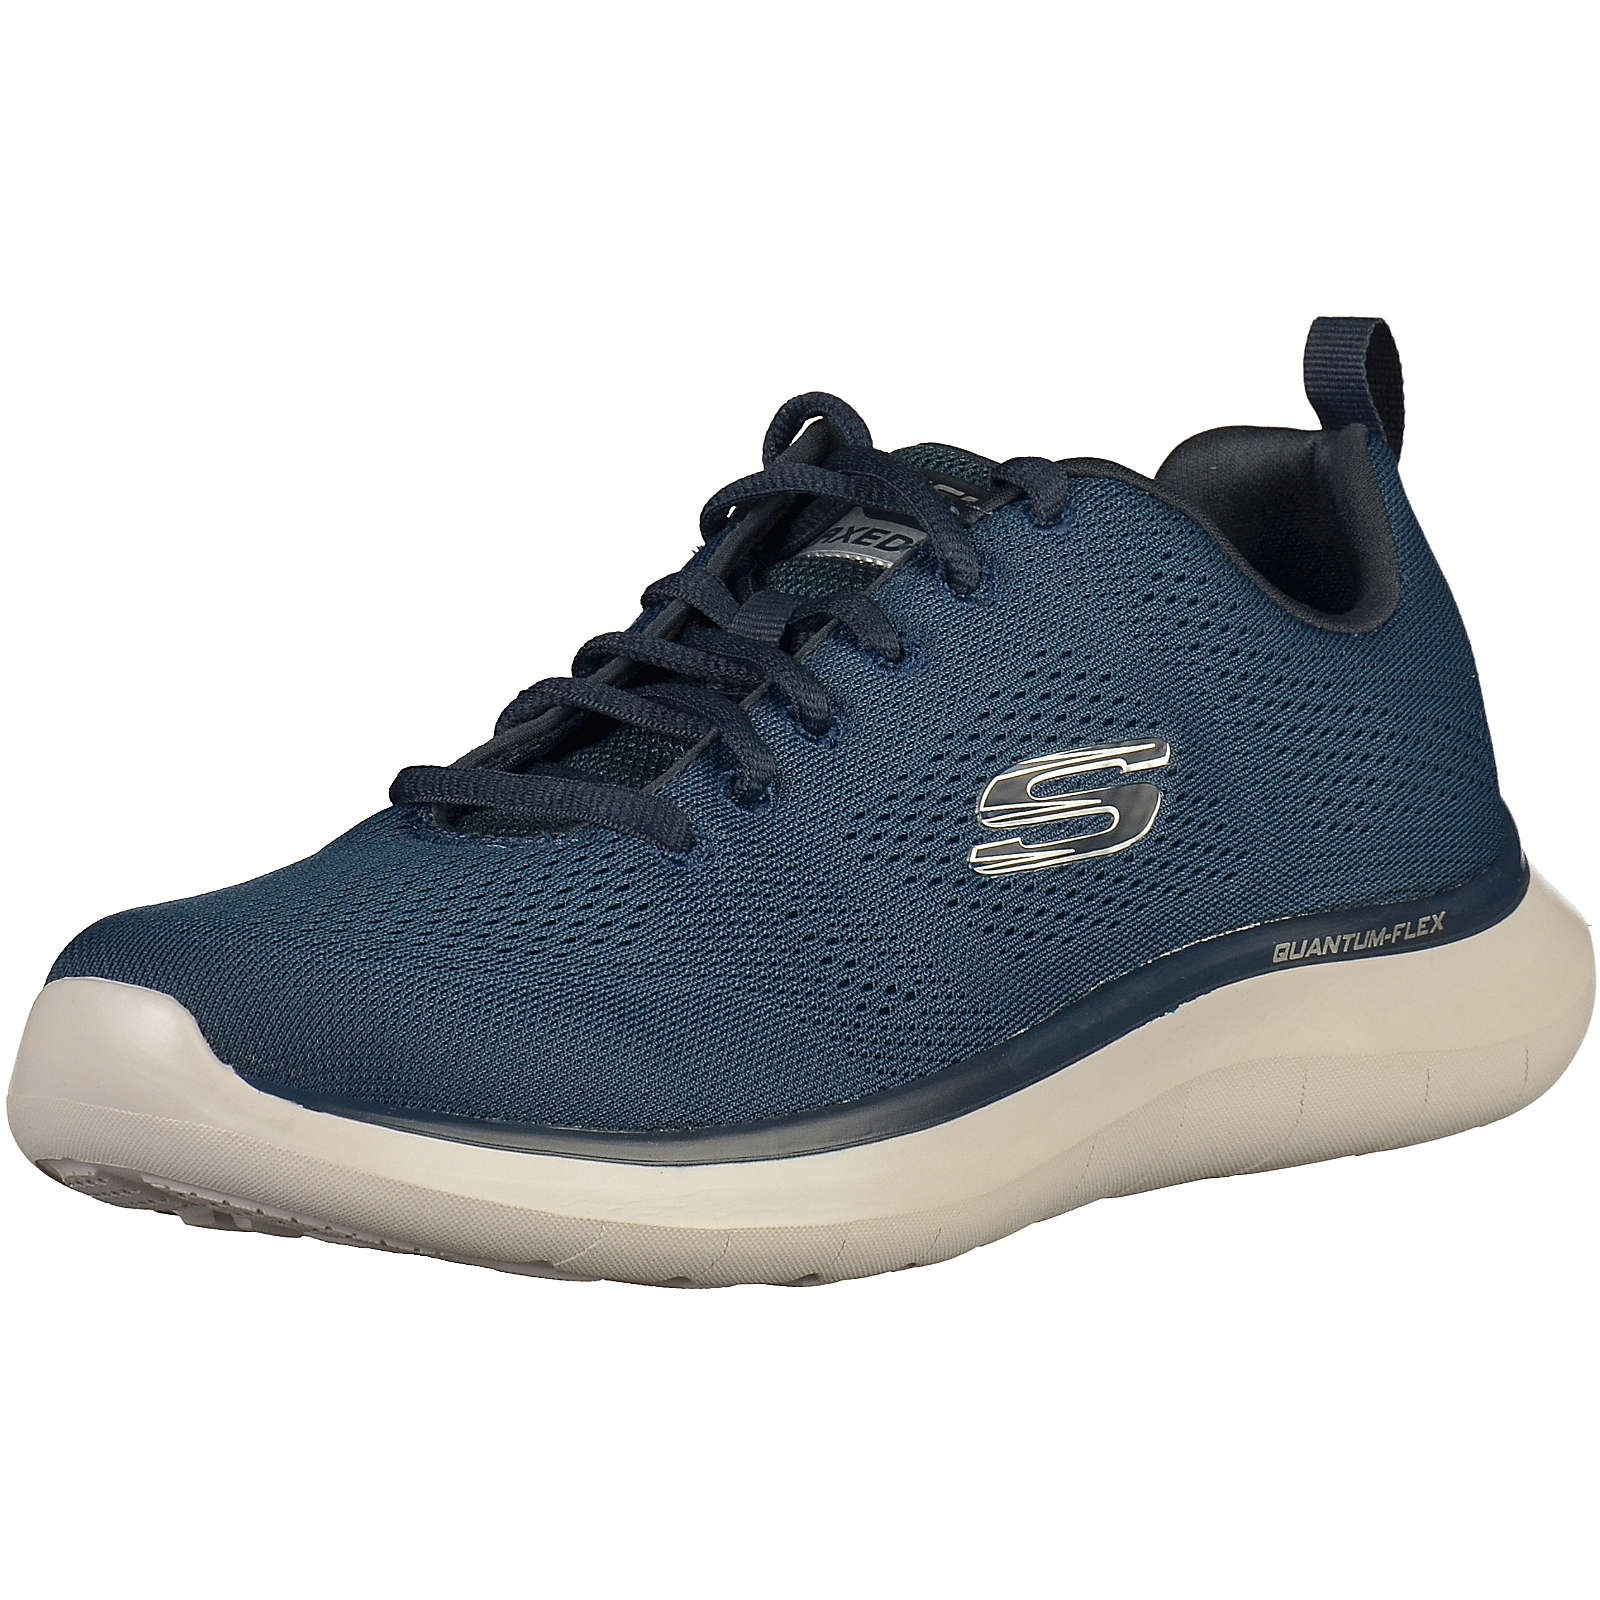 SKECHERS Sneakers Low dunkelblau Herren Gr. 41